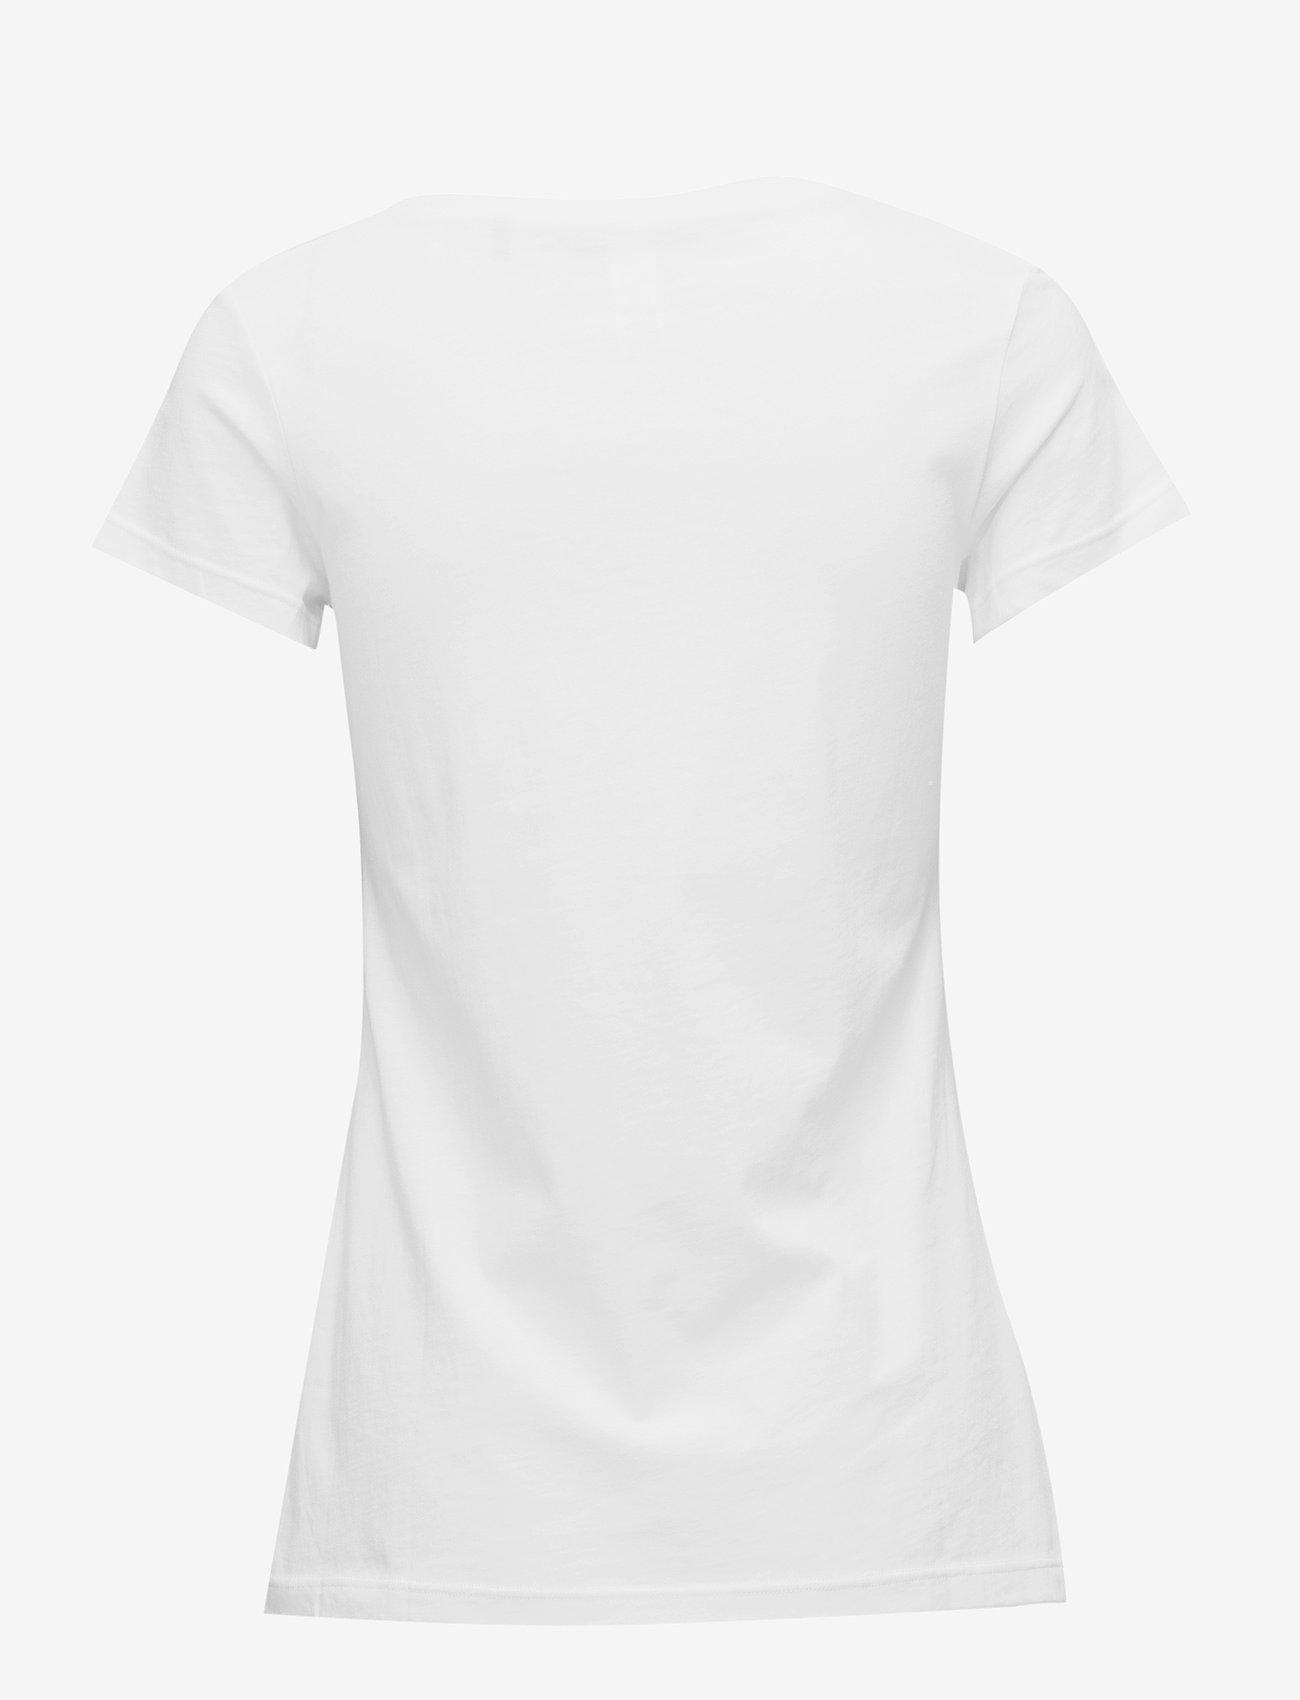 Skiny - L. shirt s/slv - Överdelar - ivory - 1